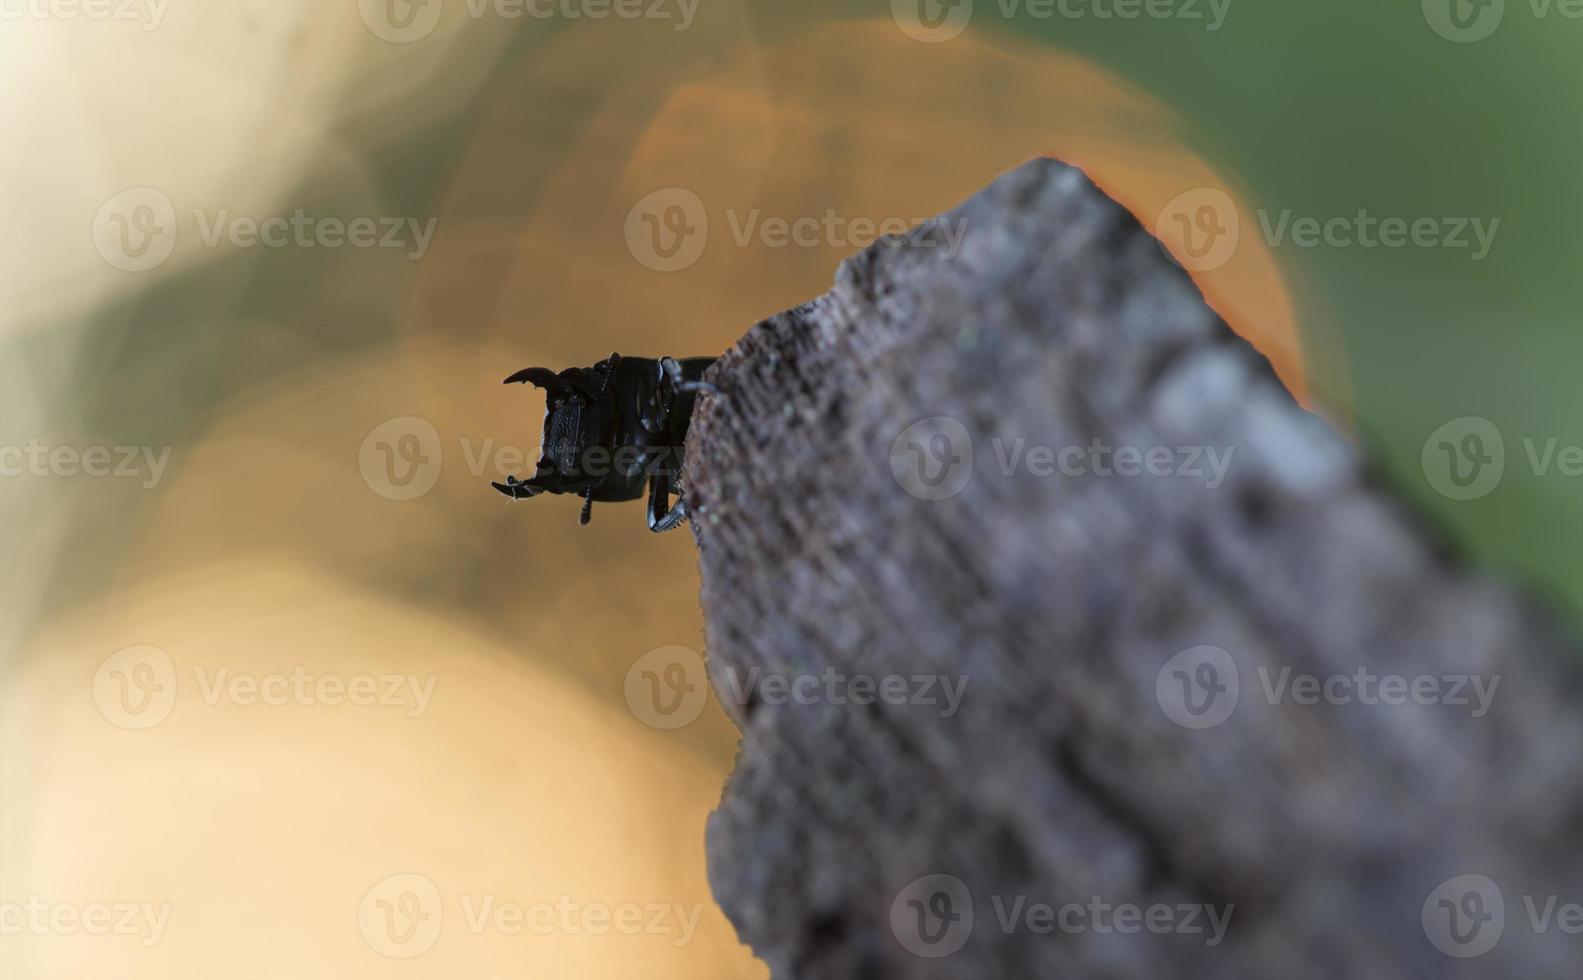 petit dendroctone du cerf, dorcus parallelipipedus sur bois photo